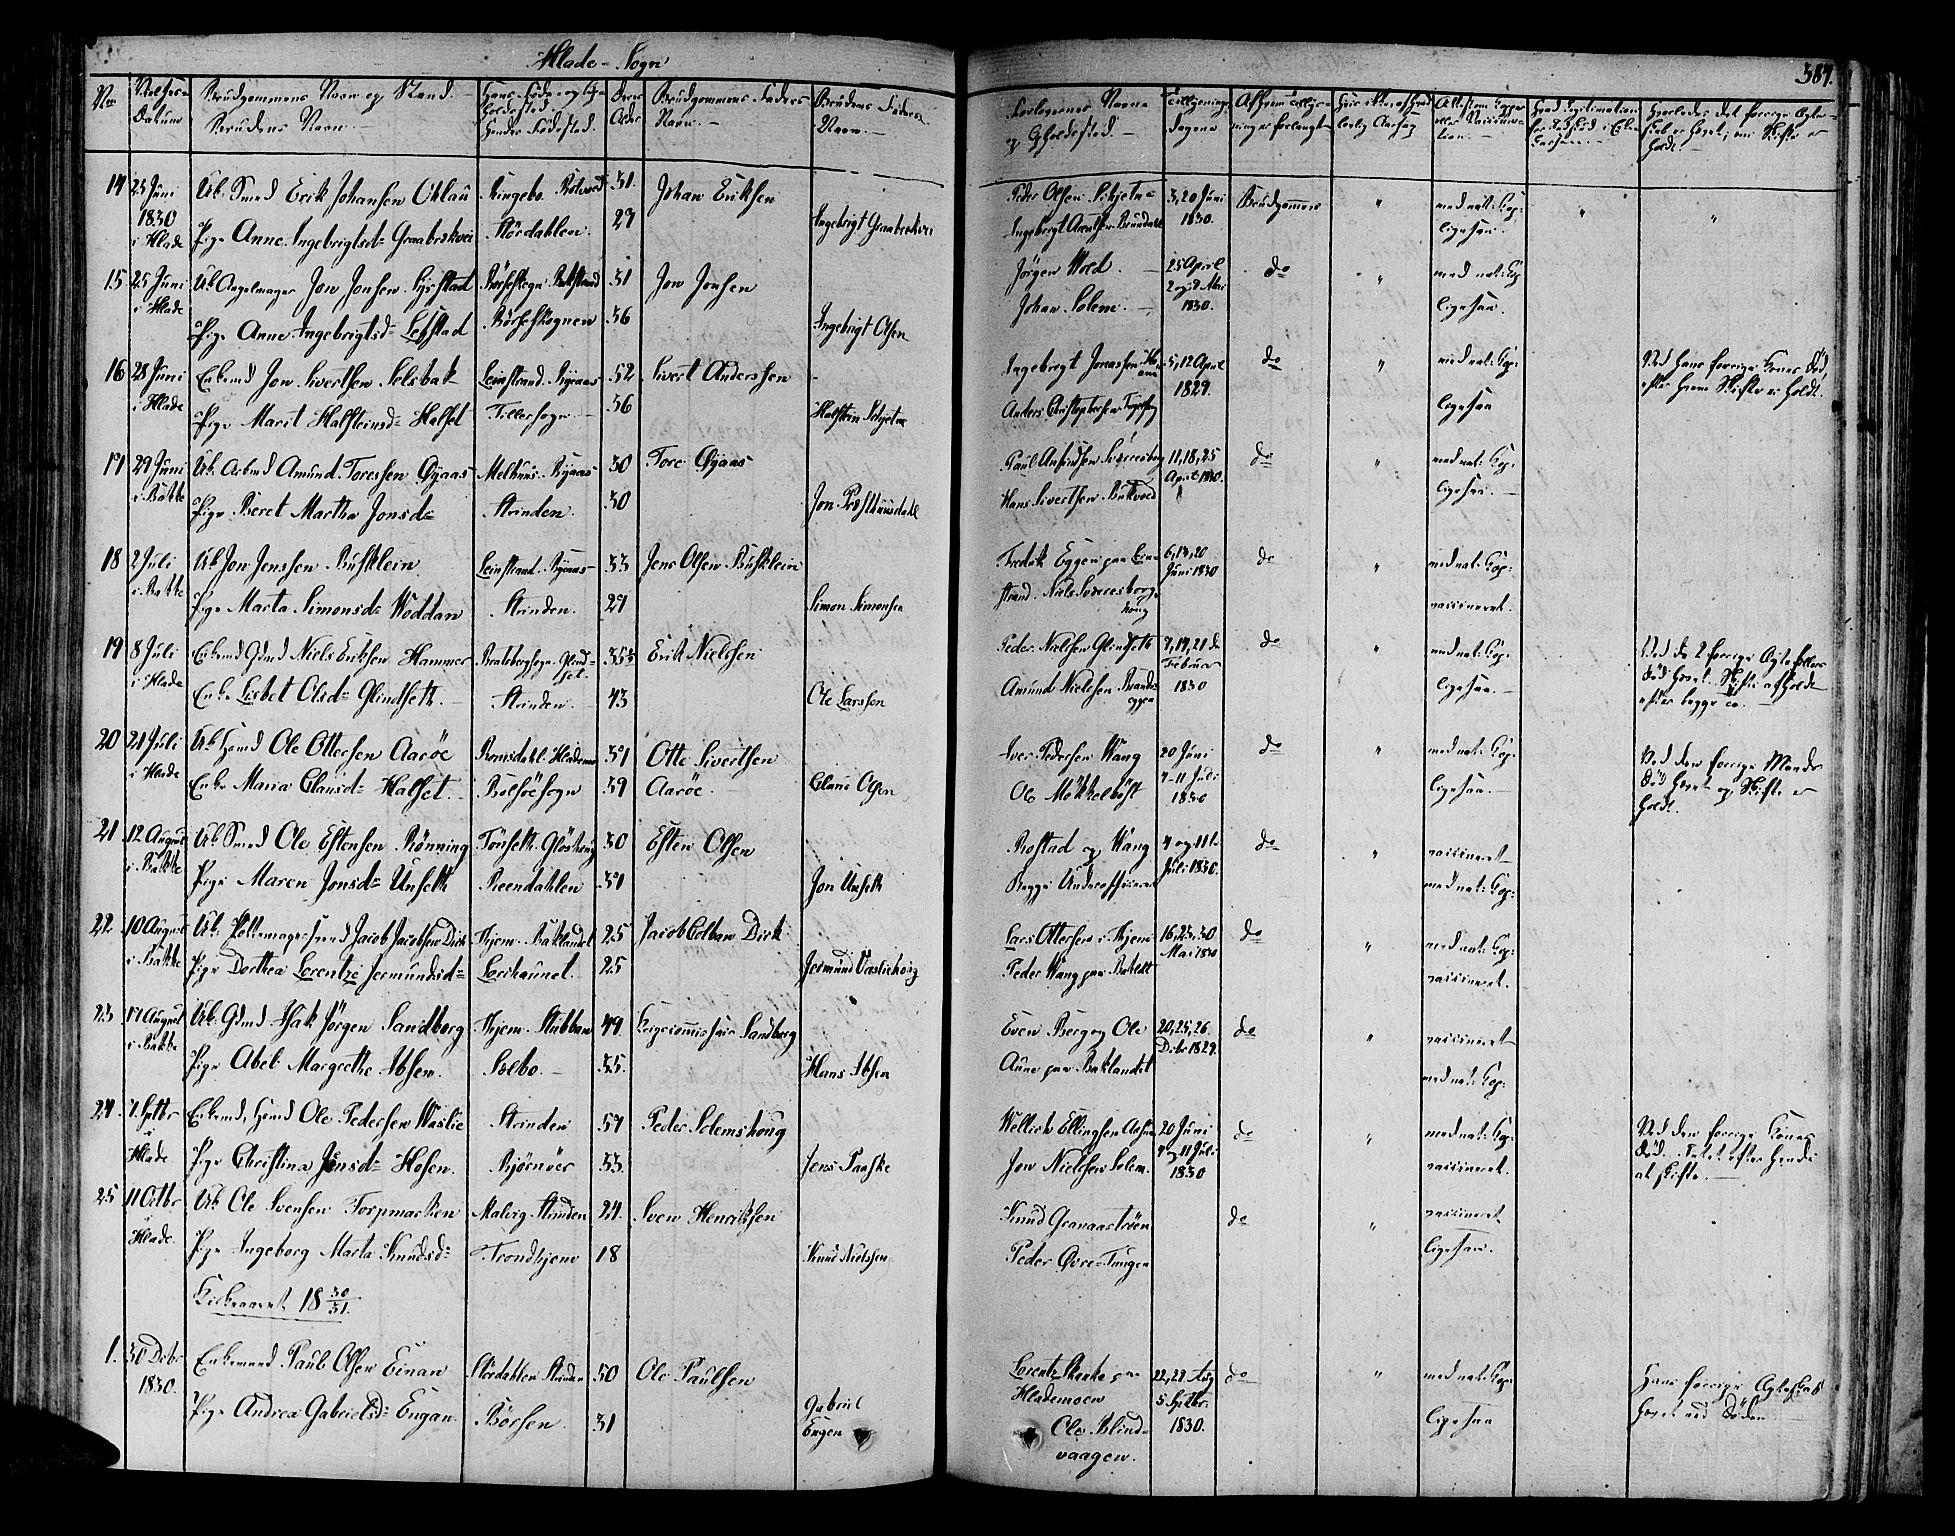 SAT, Ministerialprotokoller, klokkerbøker og fødselsregistre - Sør-Trøndelag, 606/L0286: Ministerialbok nr. 606A04 /1, 1823-1840, s. 384